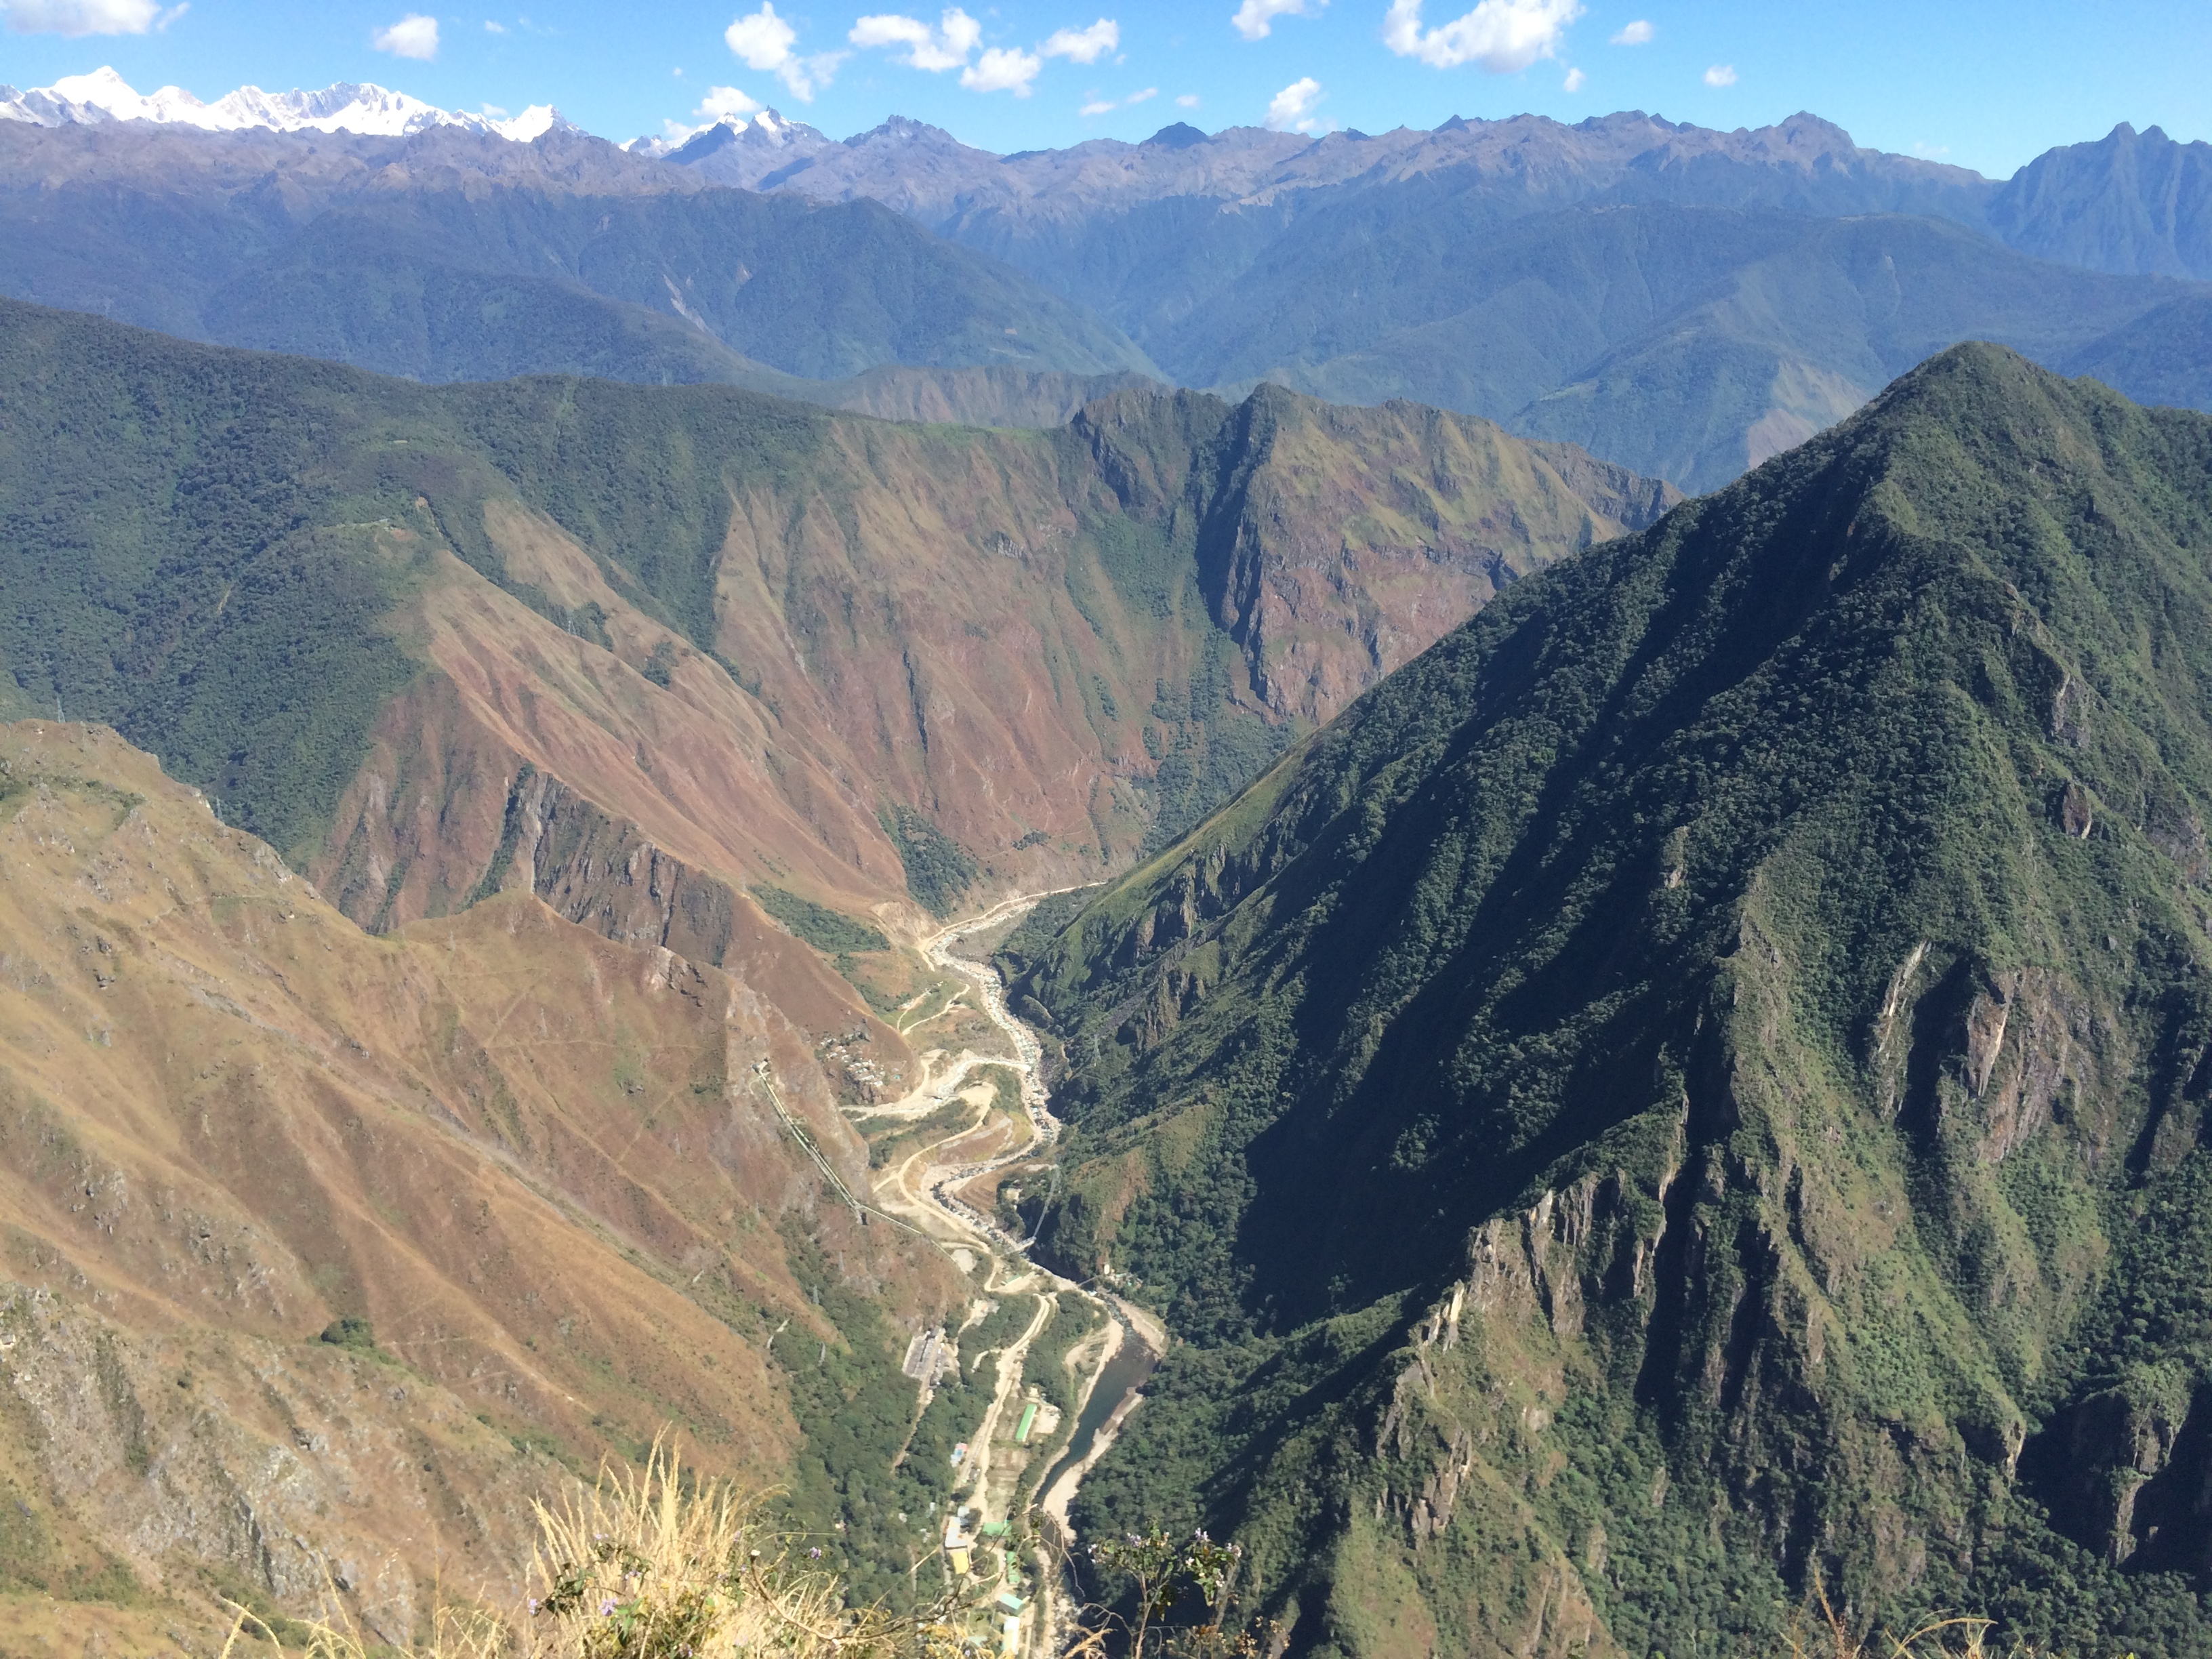 La vista desde la montaña